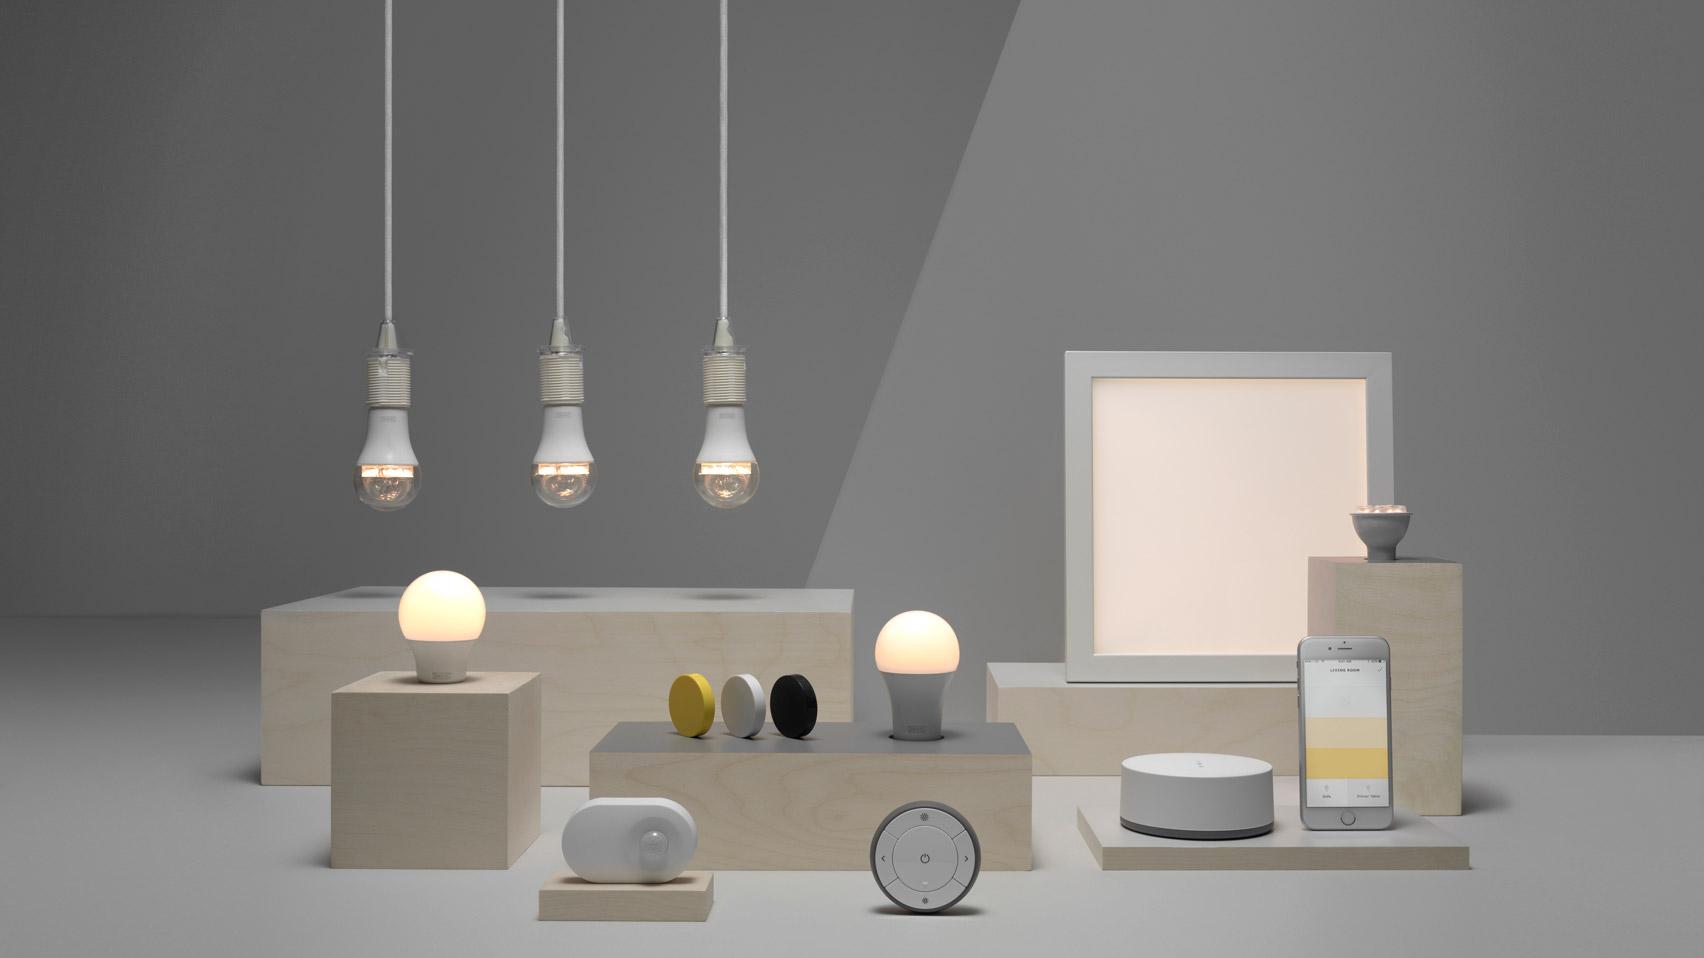 http://technieuws.com/wp-content/uploads/2017/03/ikea-smart-lights-design-lighting-lamps_dezeen_hero.jpg